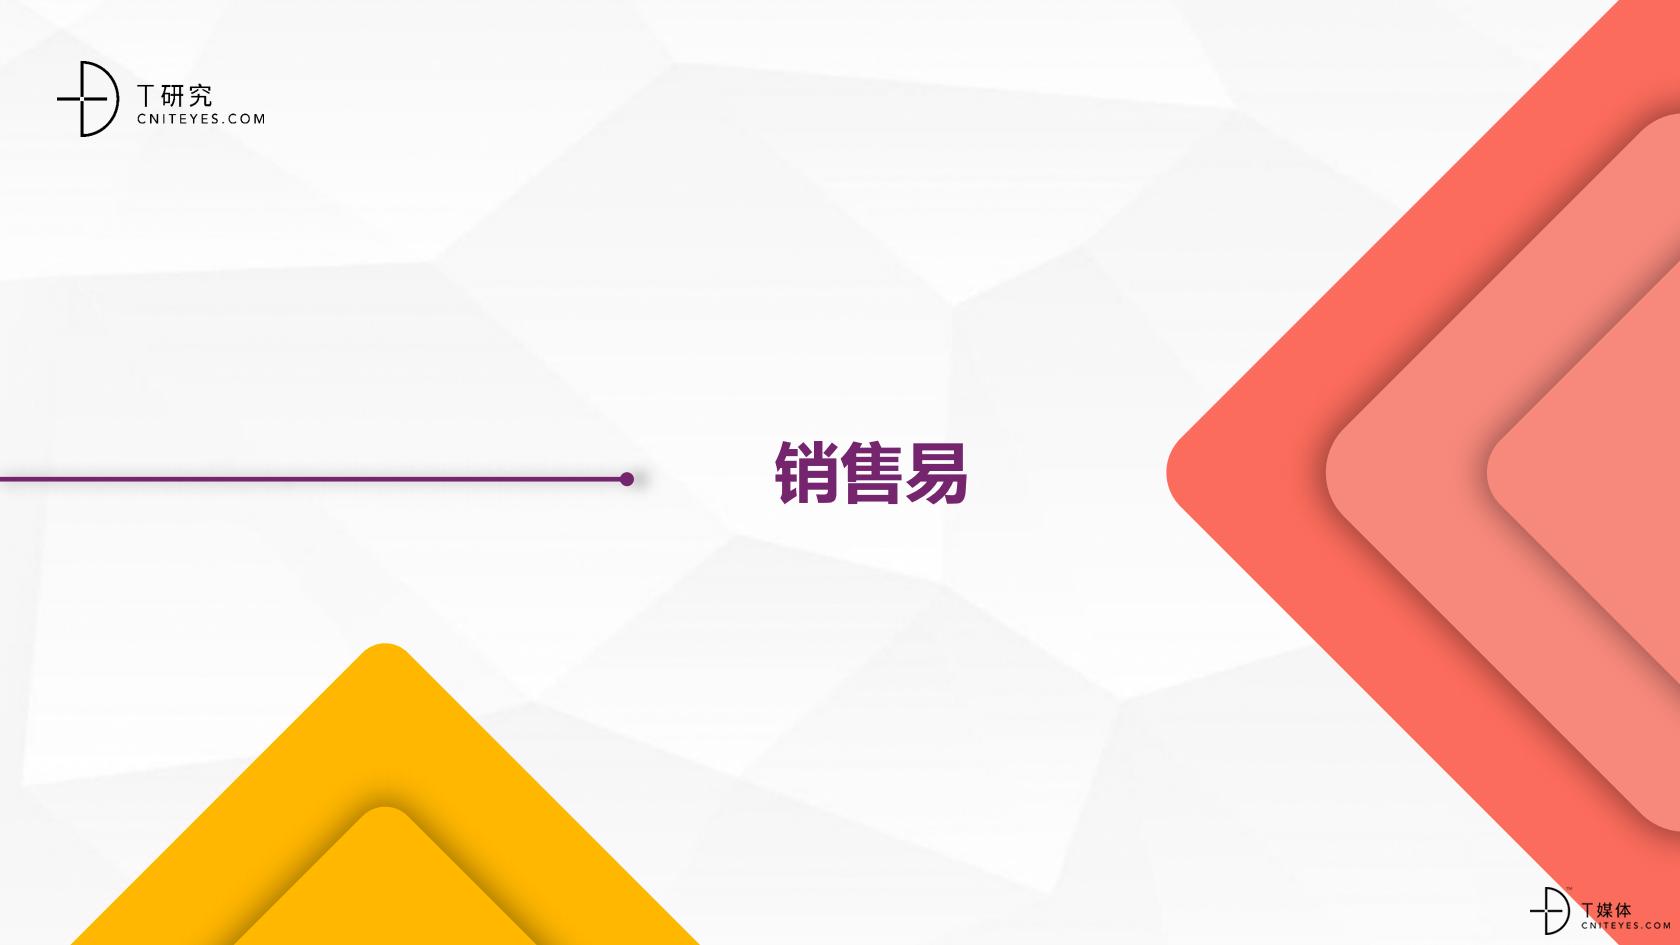 2_2020中国CRM指数测评报告v1.5_23.png